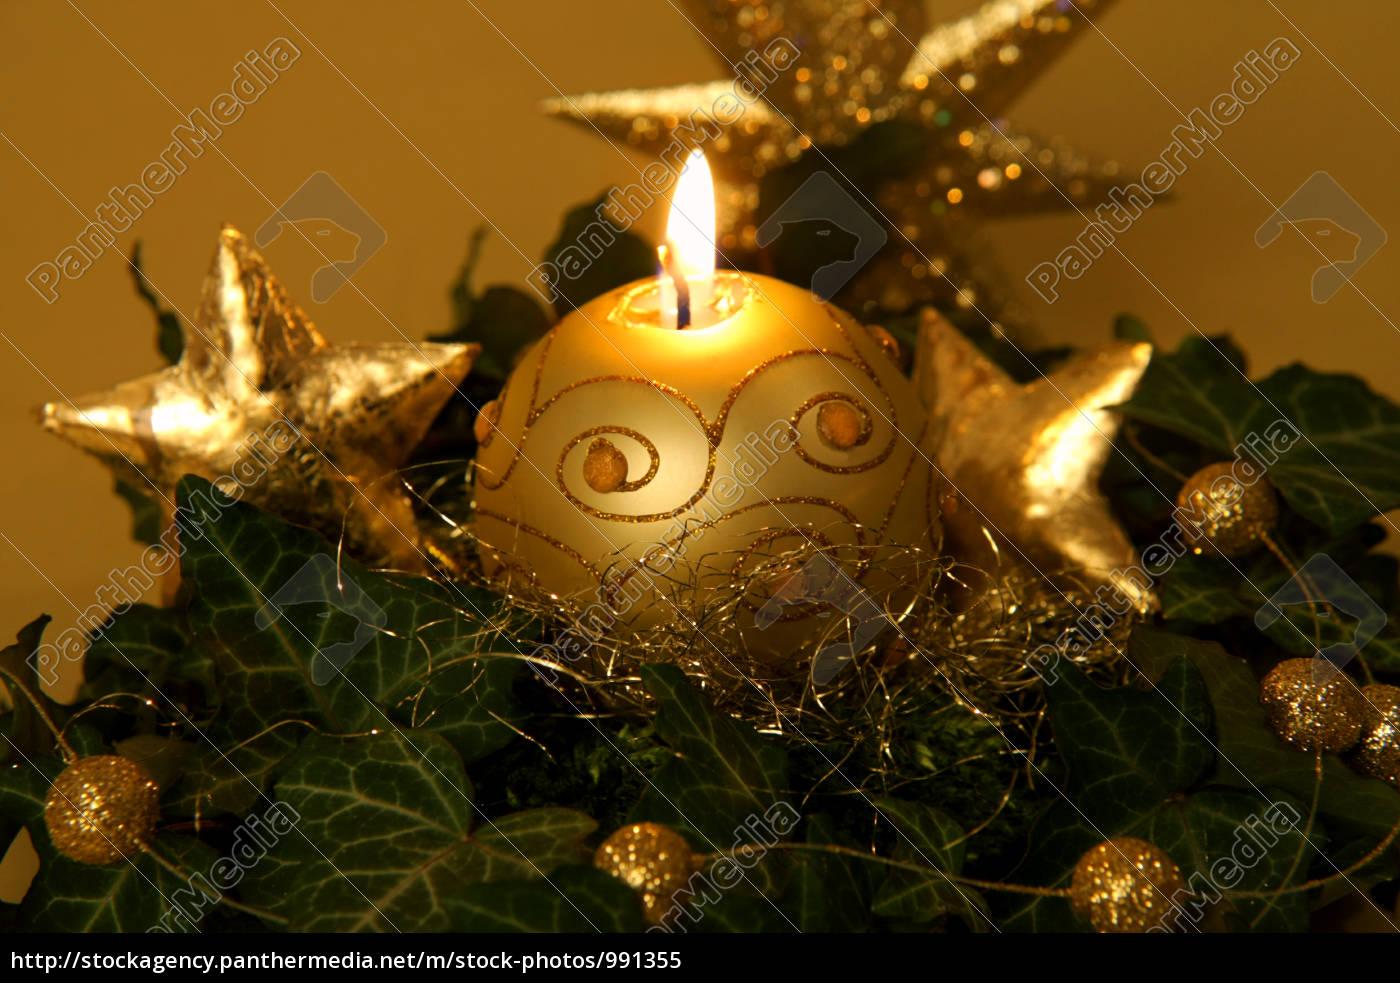 Weihnachtliche dekoration in gold lizenzfreies bild for Weihnachtliche dekoration